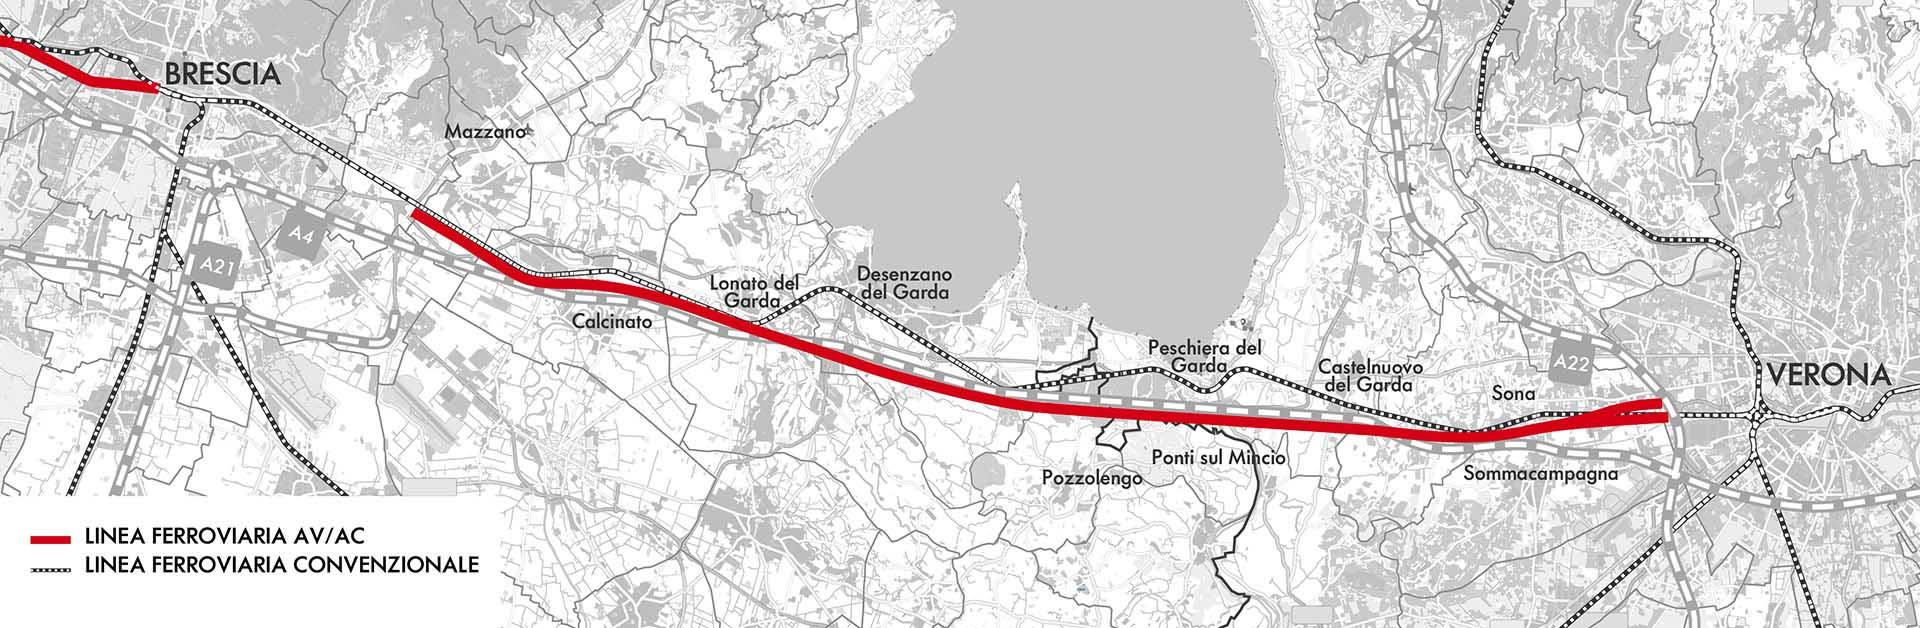 alta velocità ferroviaria